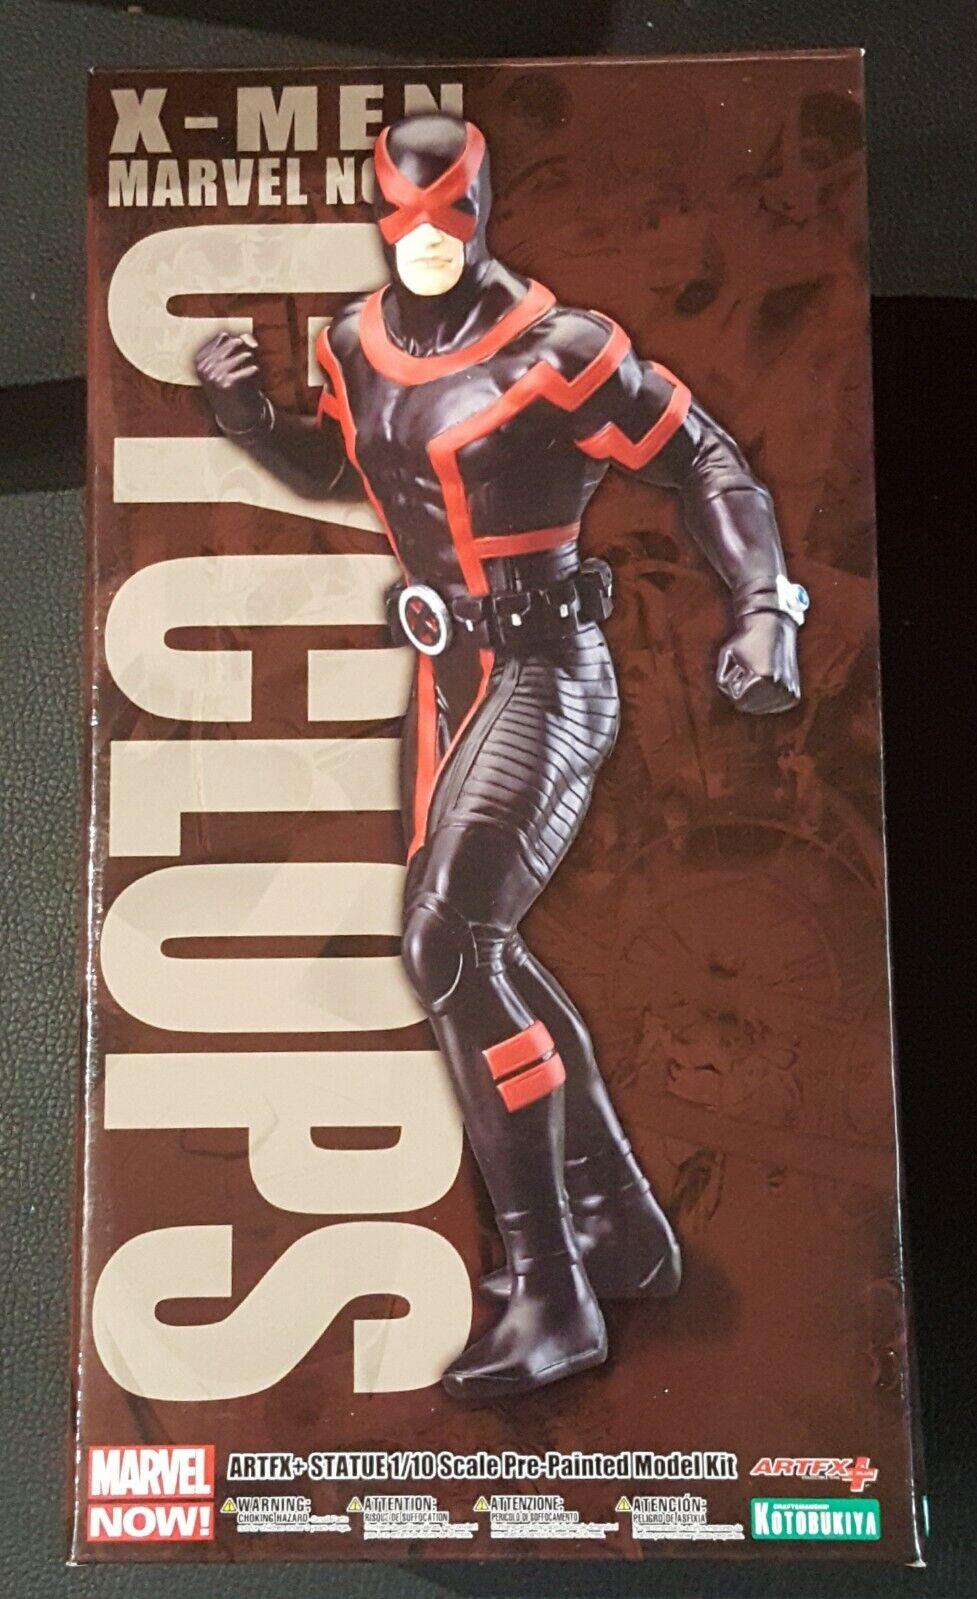 Cyclops marvel now kotobukiya X - Sie